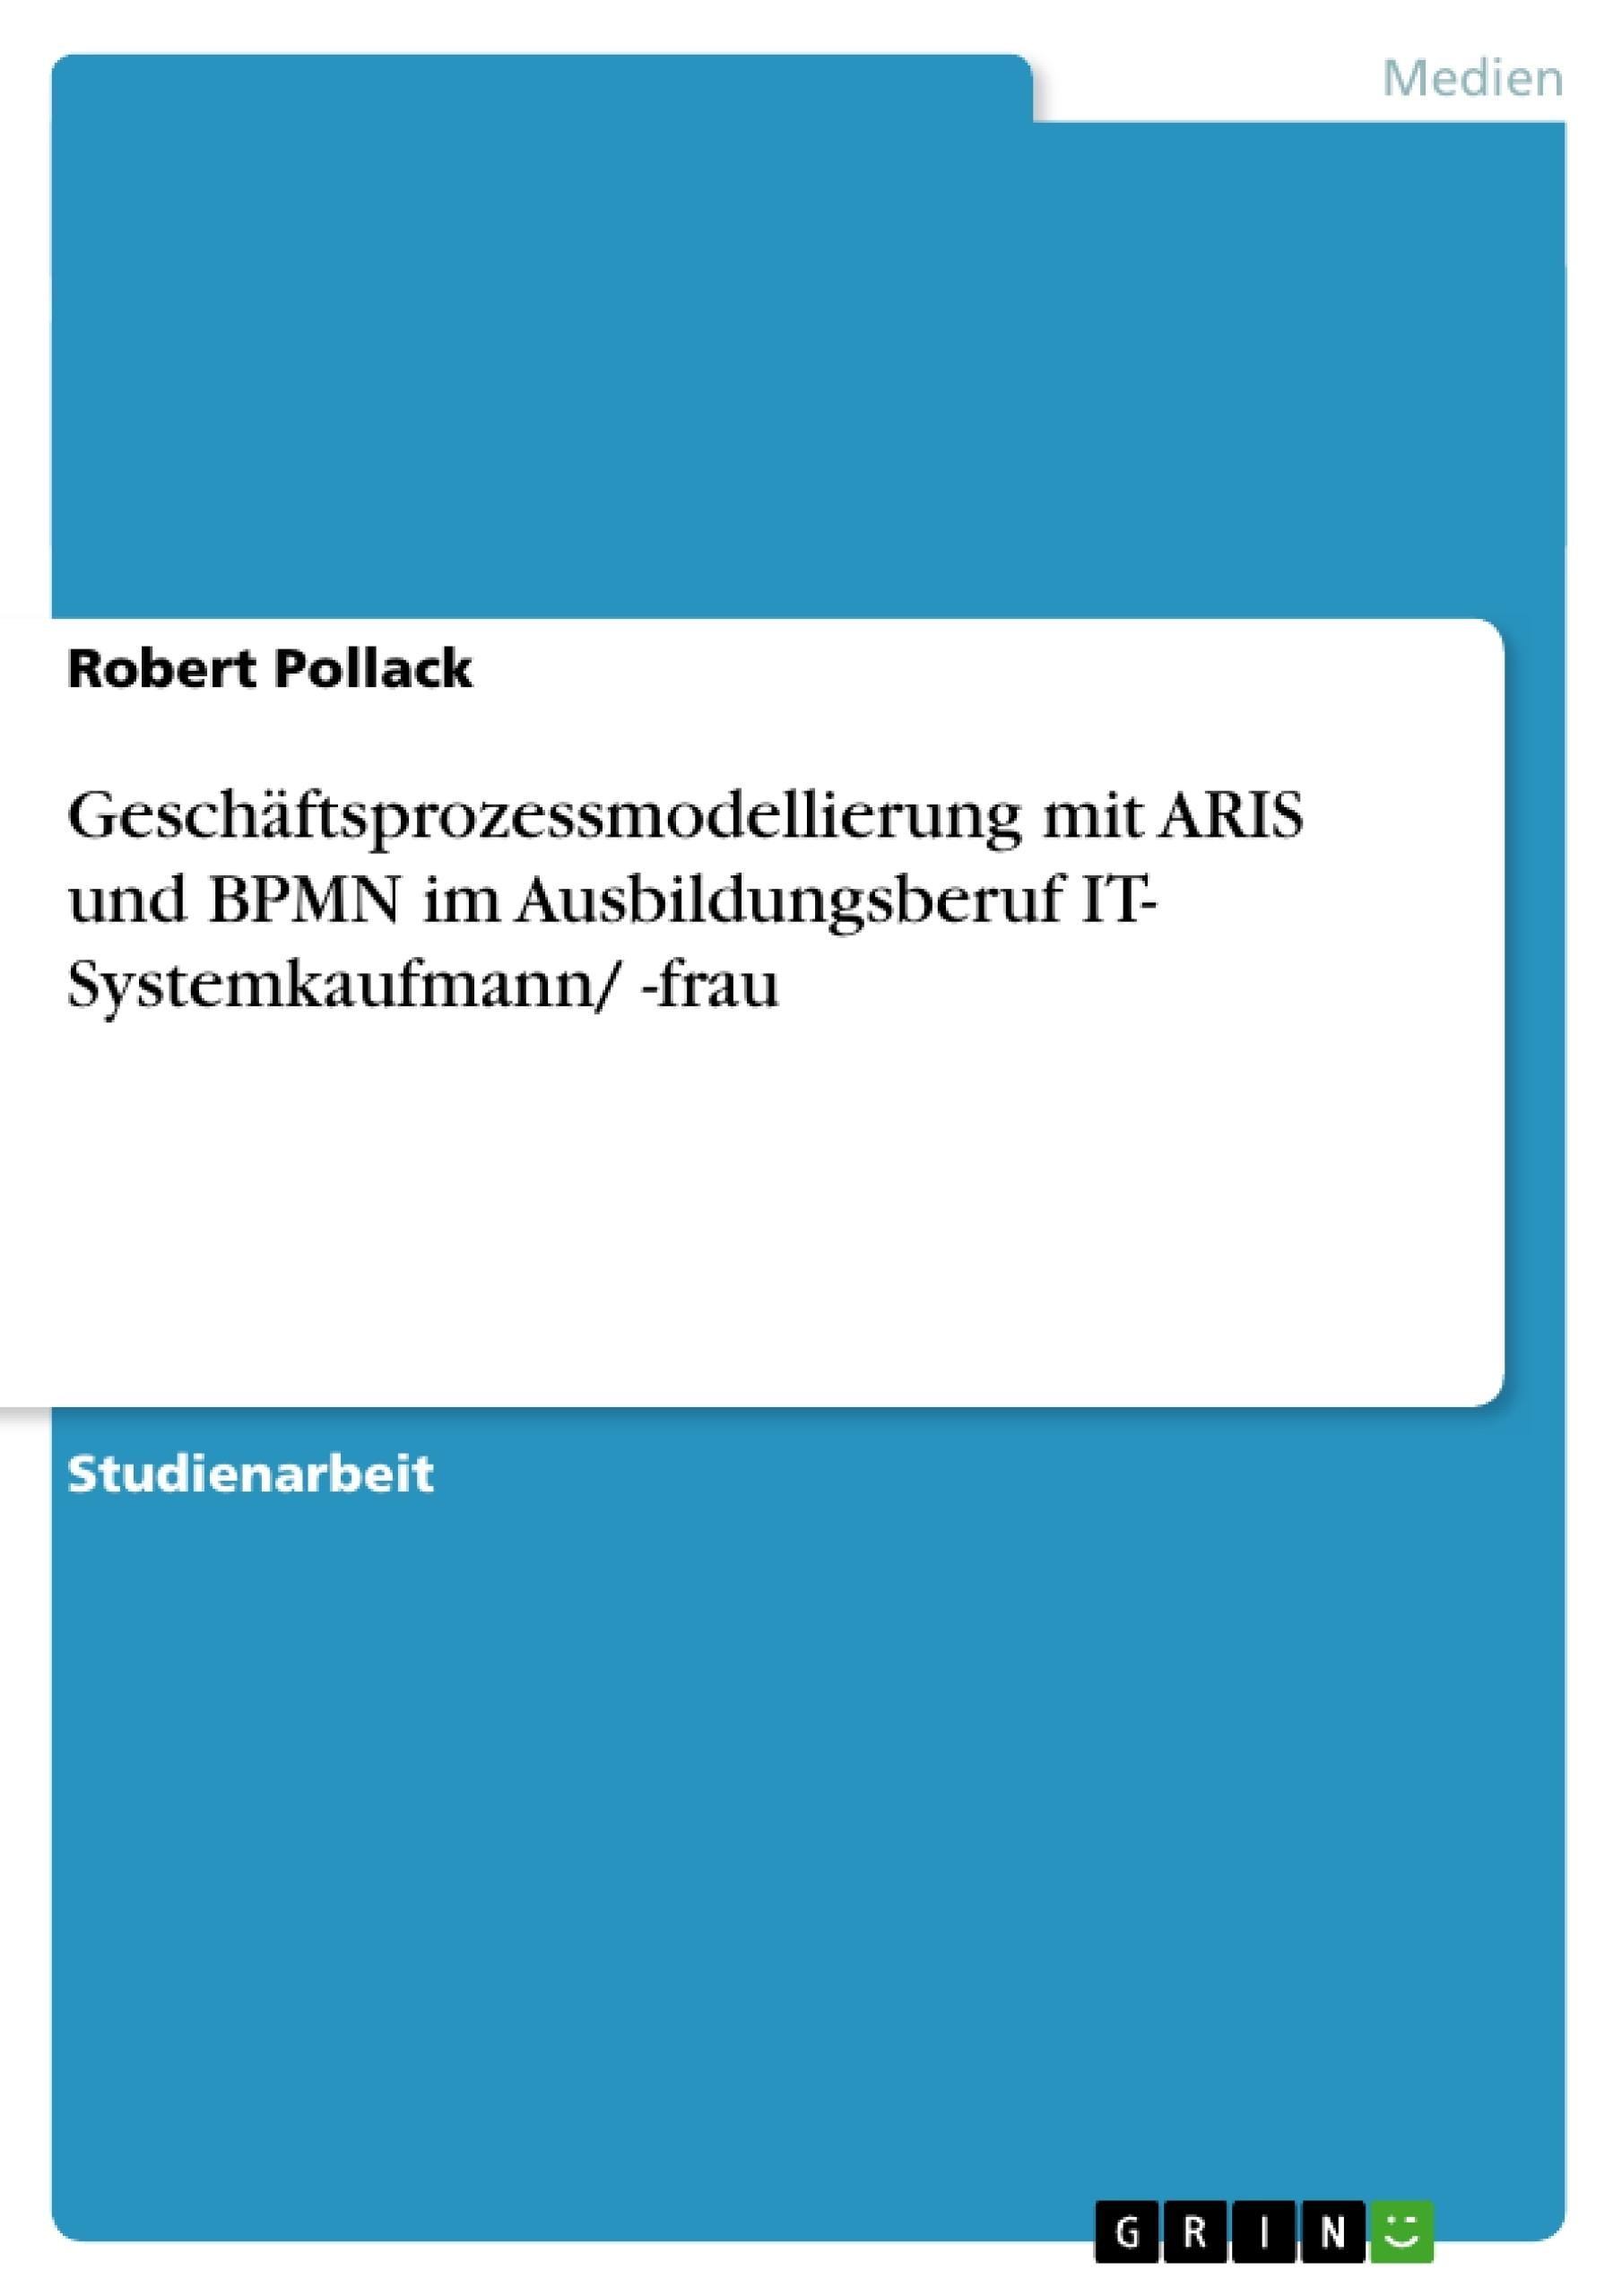 Titel: Geschäftsprozessmodellierung mit ARIS  und BPMN im Ausbildungsberuf IT- Systemkaufmann/ -frau